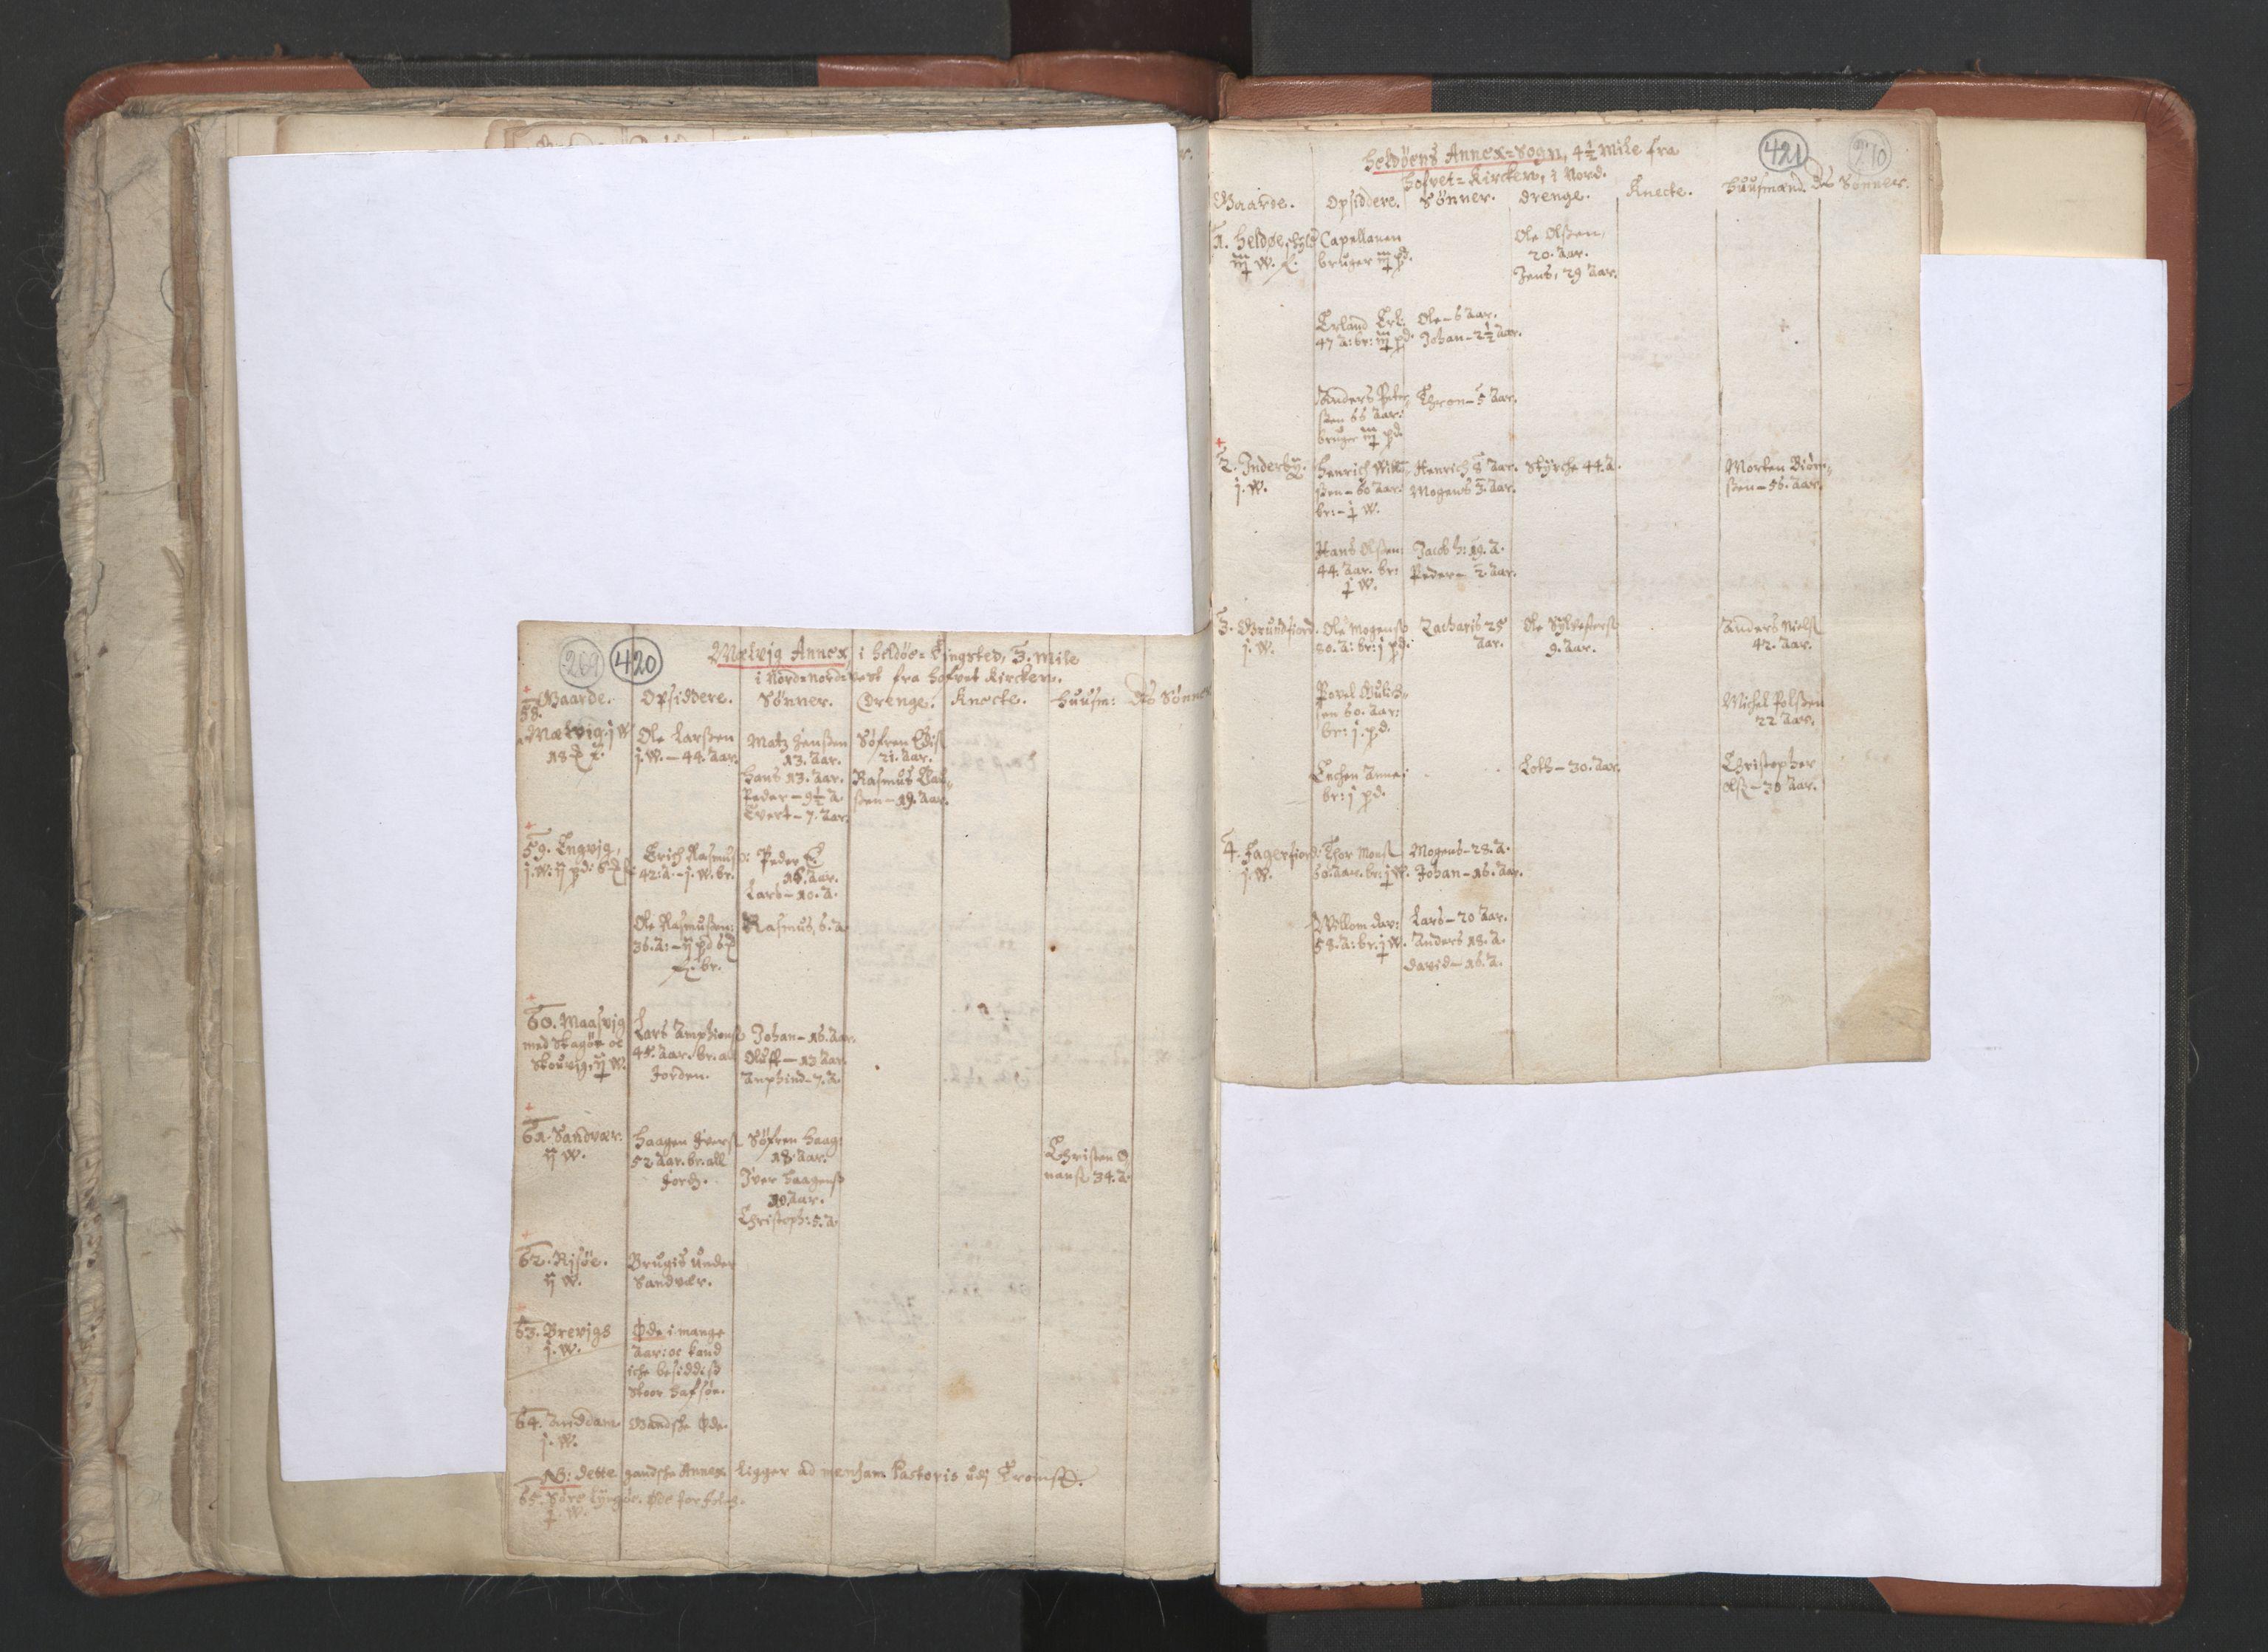 RA, Sogneprestenes manntall 1664-1666, nr. 36: Lofoten og Vesterålen prosti, Senja prosti og Troms prosti, 1664-1666, s. 420-421